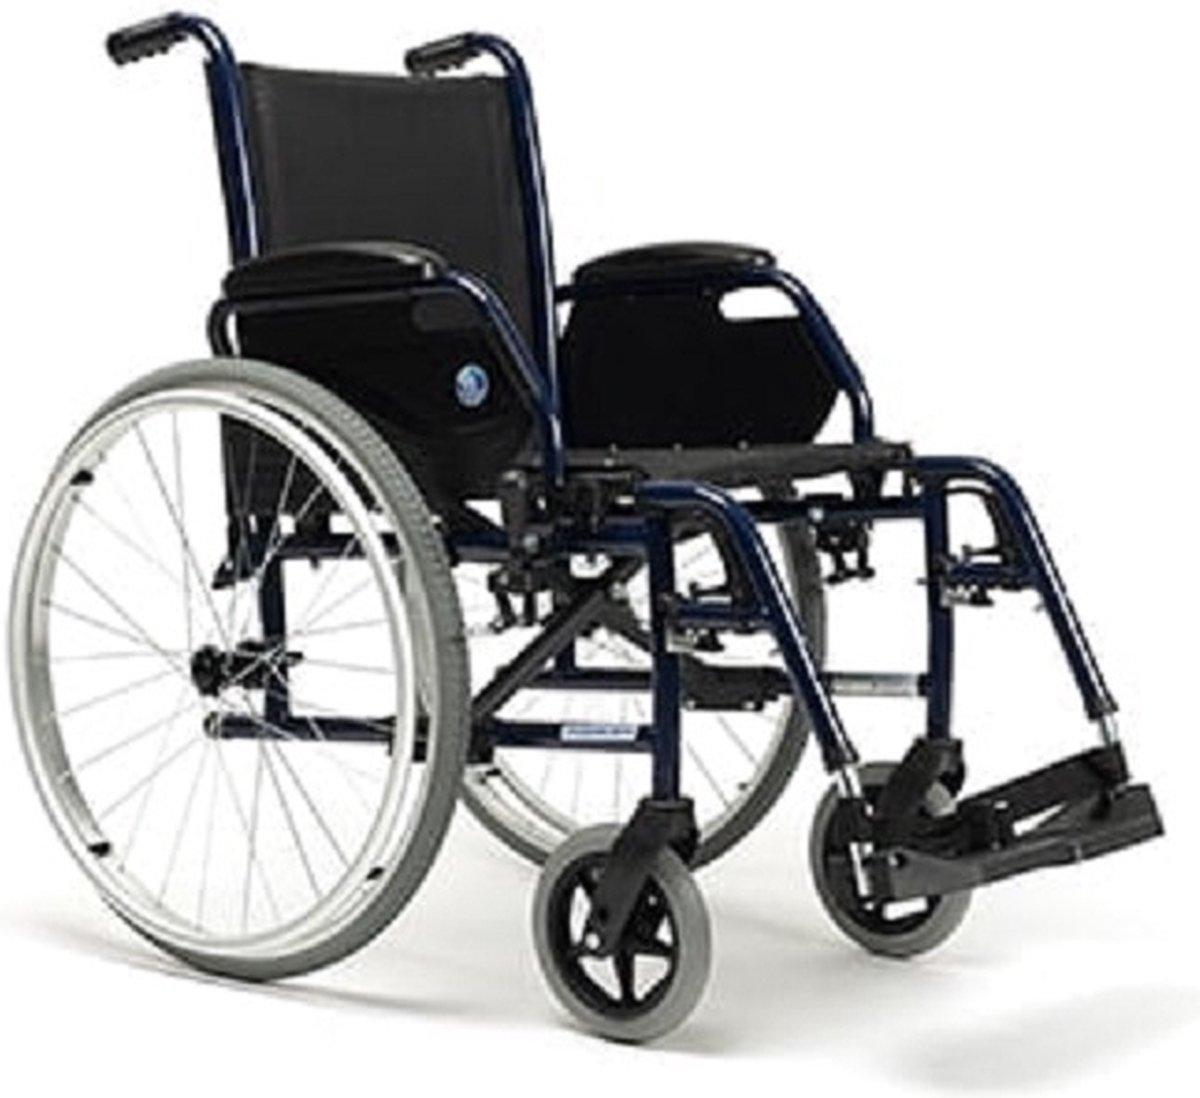 Lichtgewicht rolstoel Jazz S 50 massieve banden - 46 cm zitbreedte - Vermeiren.be